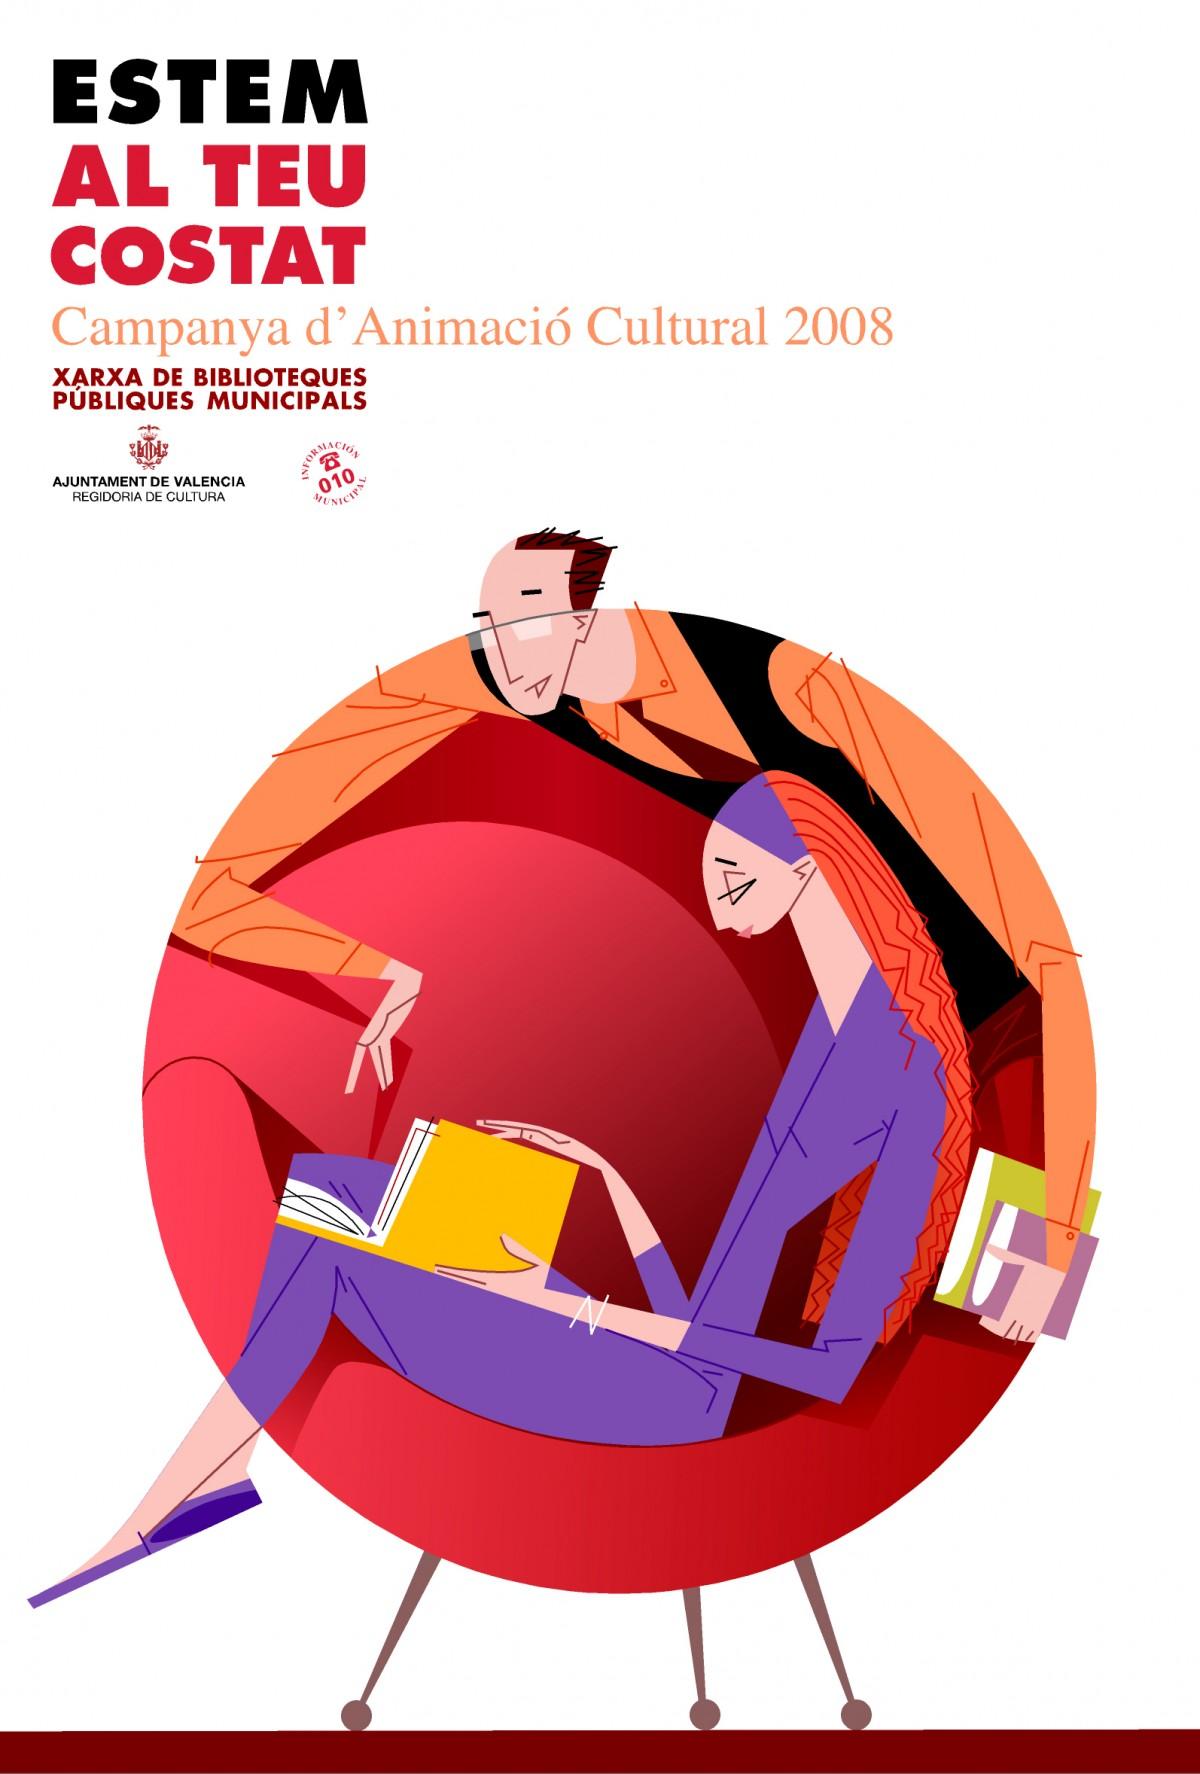 08- cartell 'Estem al teu costat', Xarxa de Biblioteques, Ajuntament de València, disseny Paco Giménez